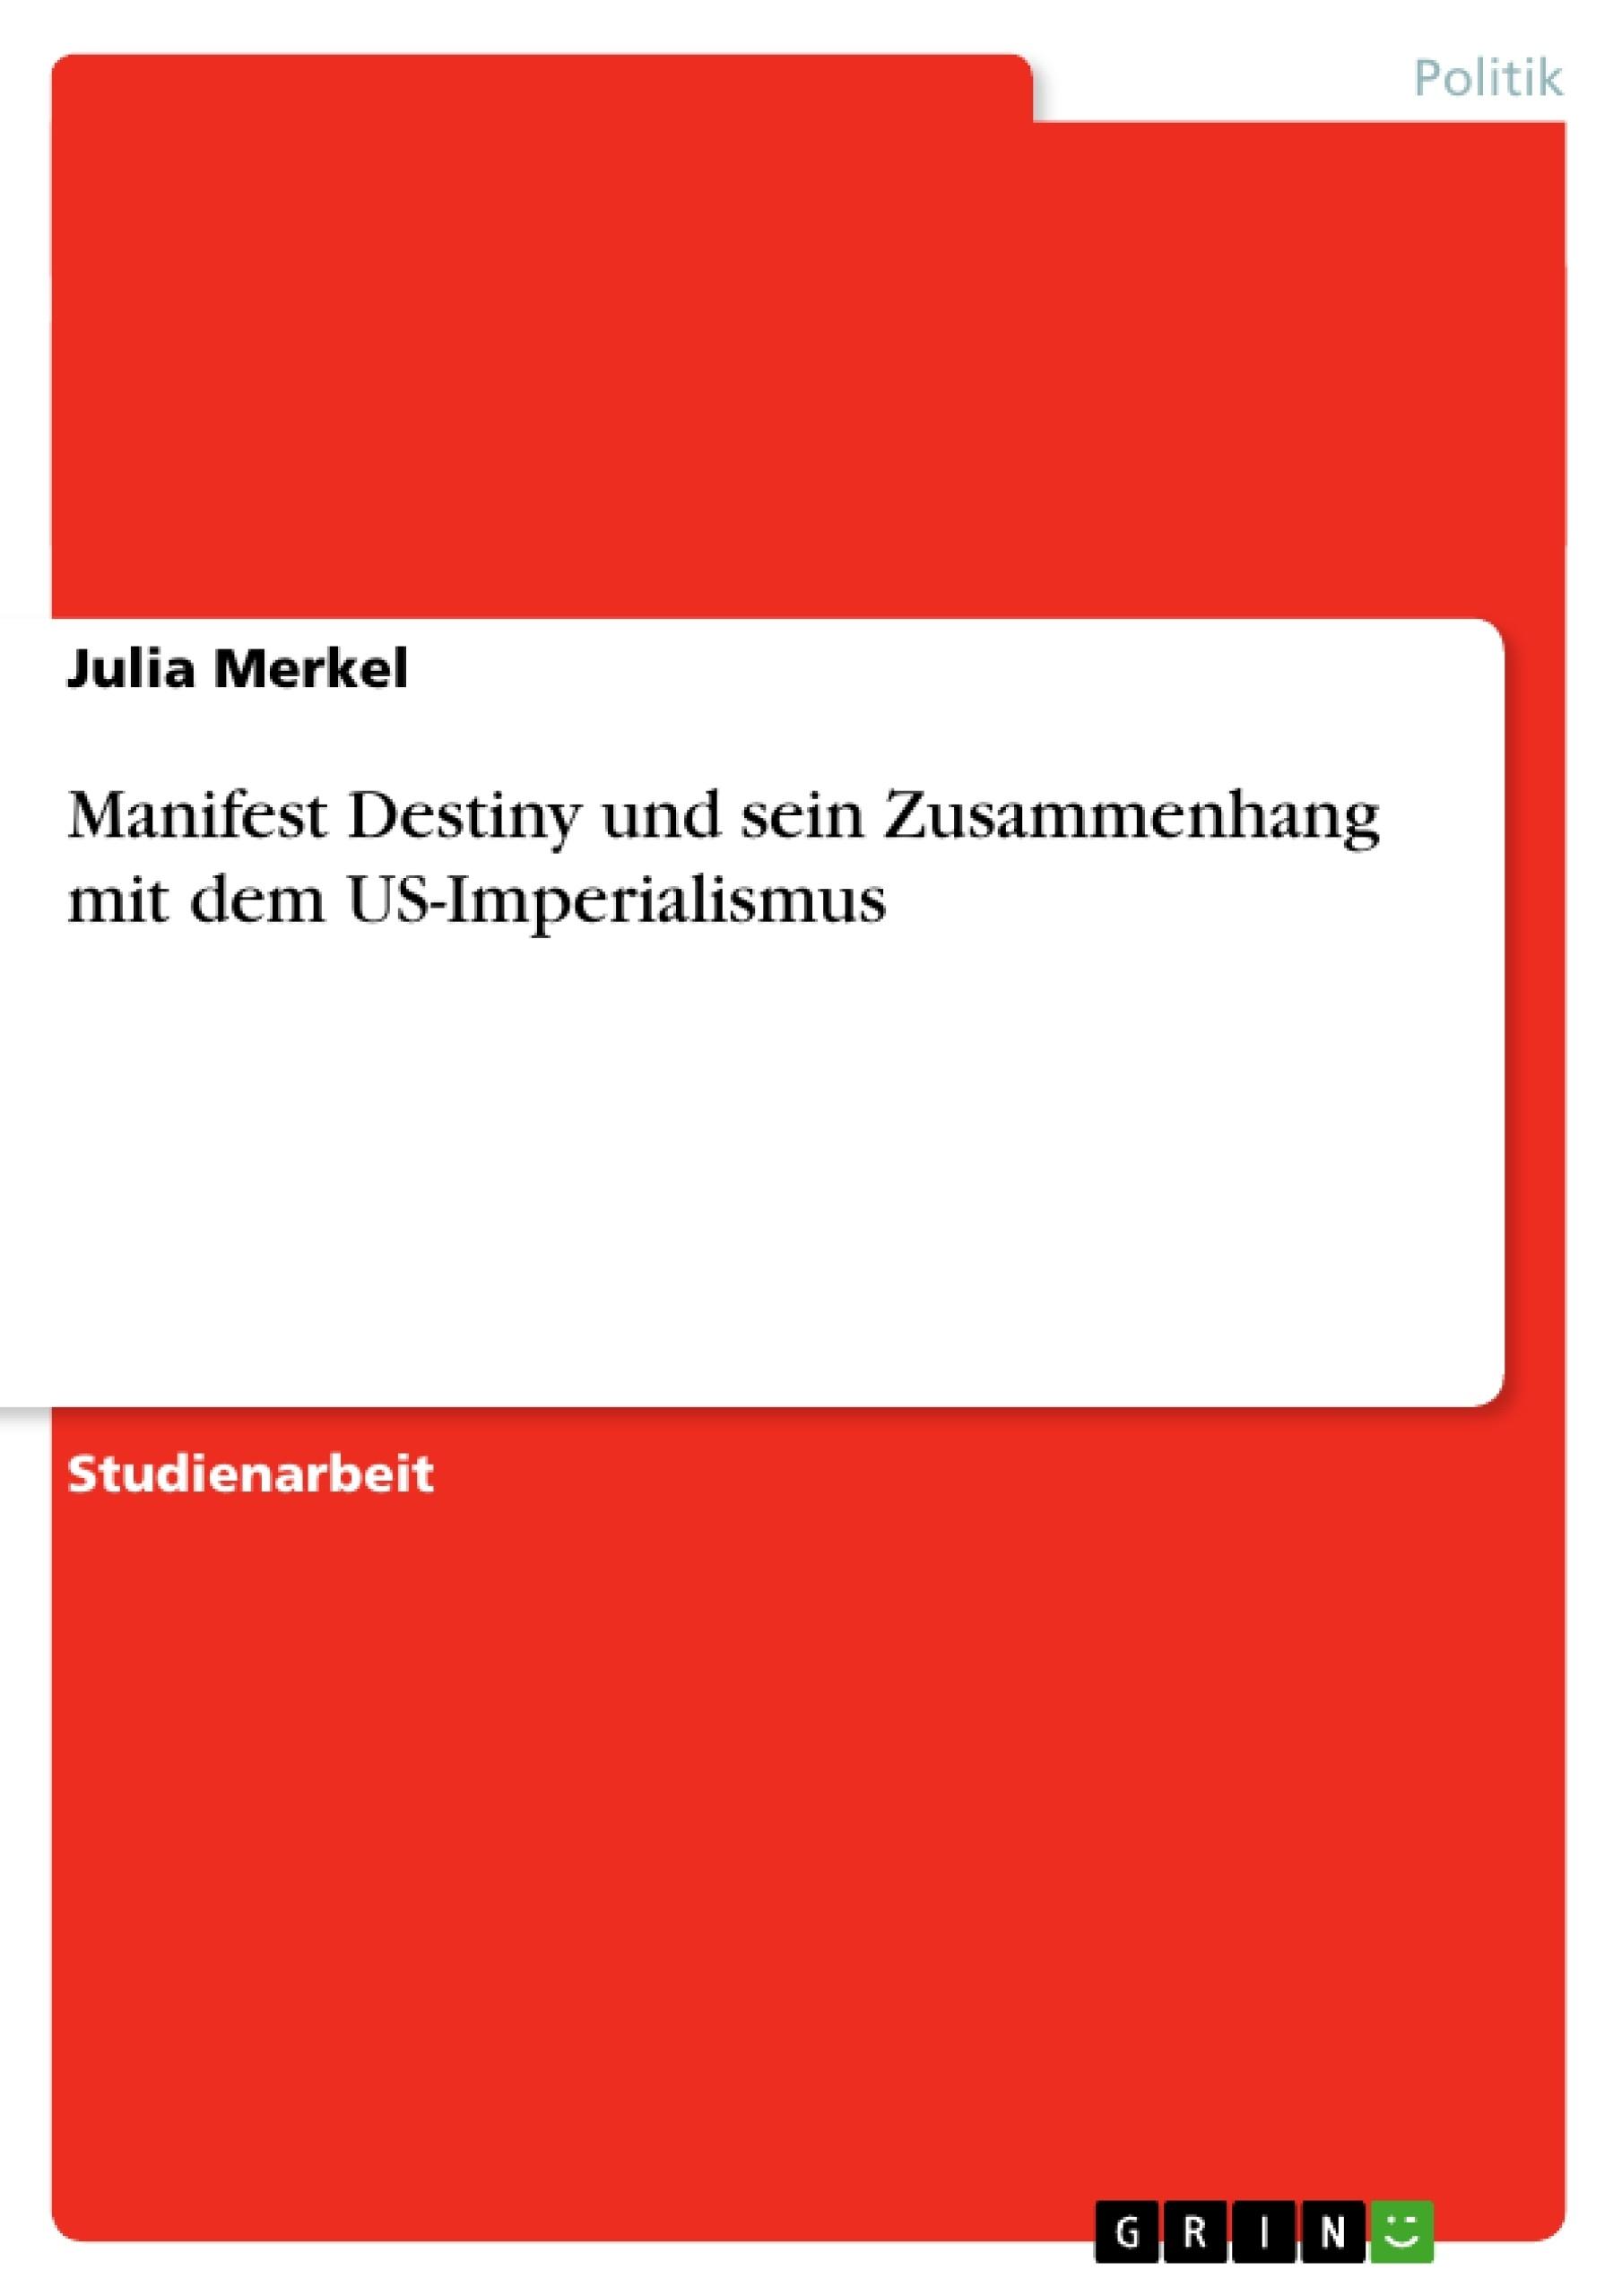 Titel: Manifest Destiny und sein Zusammenhang mit dem US-Imperialismus